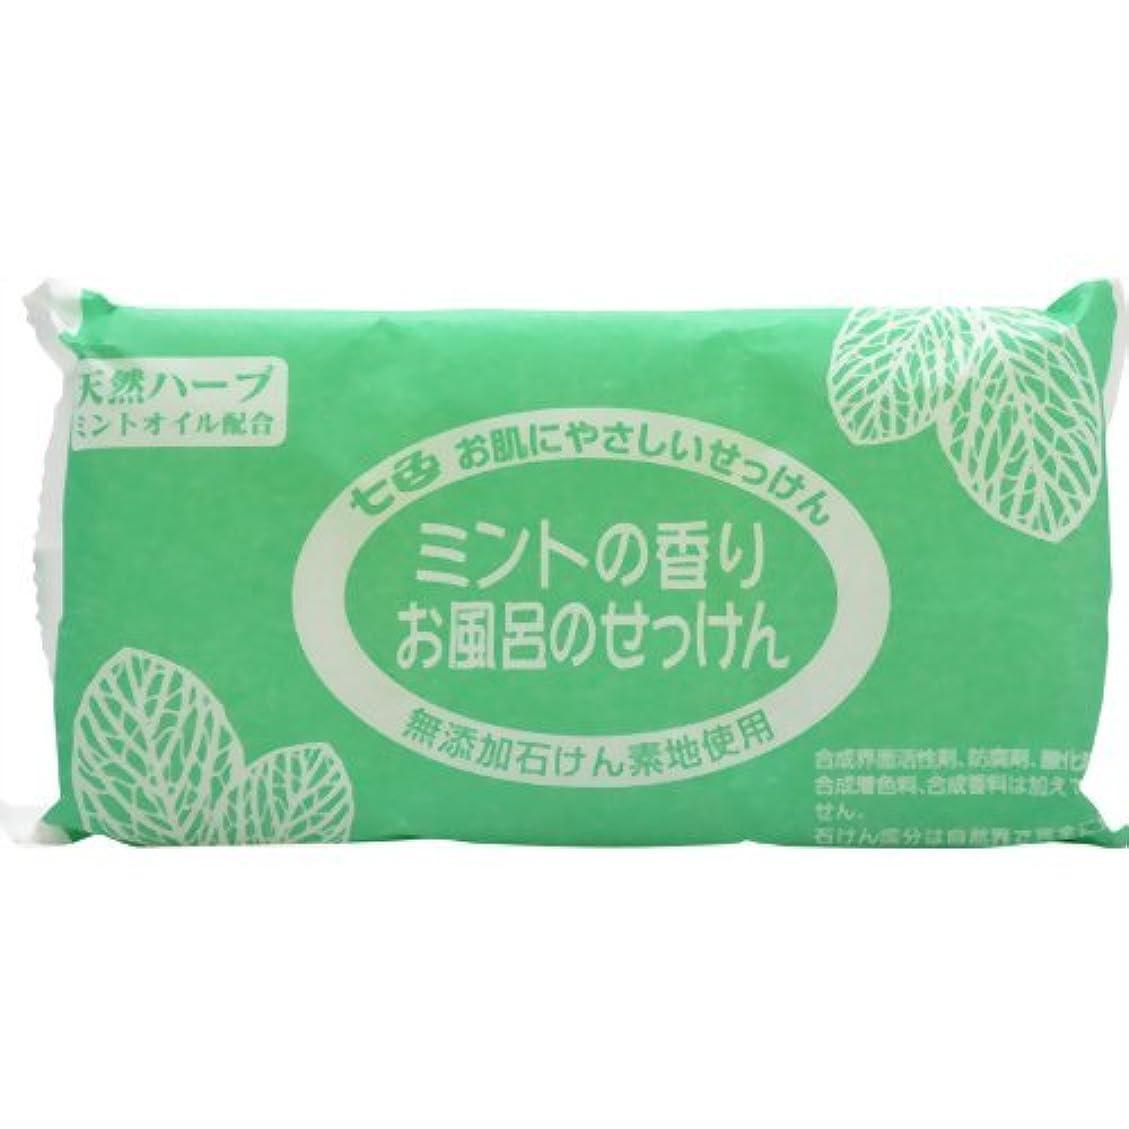 崇拝するピック独立した七色 お風呂のせっけん ミントの香り(無添加石鹸) 100g×3個入